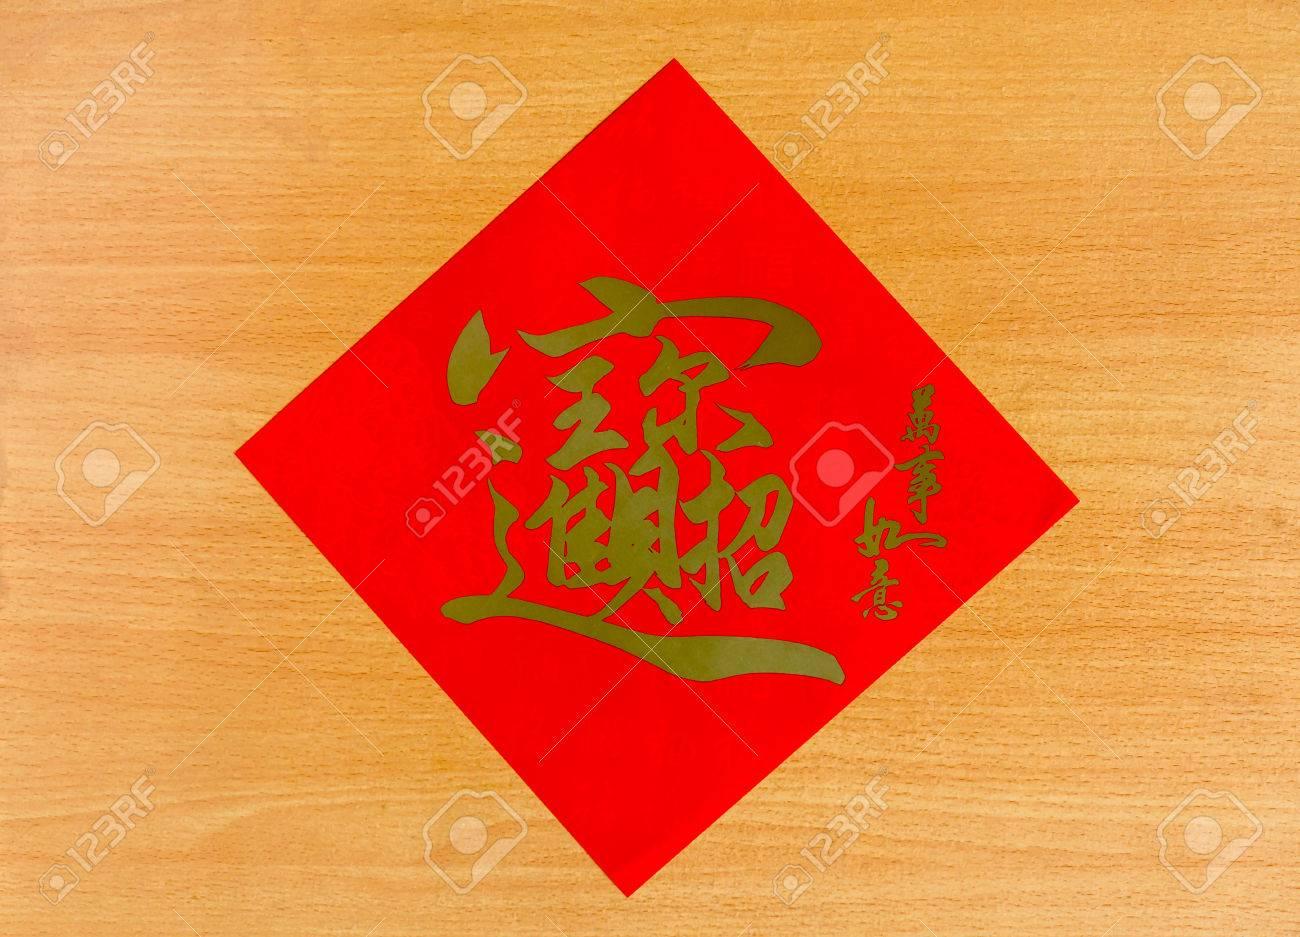 Chinesische Schriftzeichen Für Glück Viel Glück Und Reich Begrüßung ...